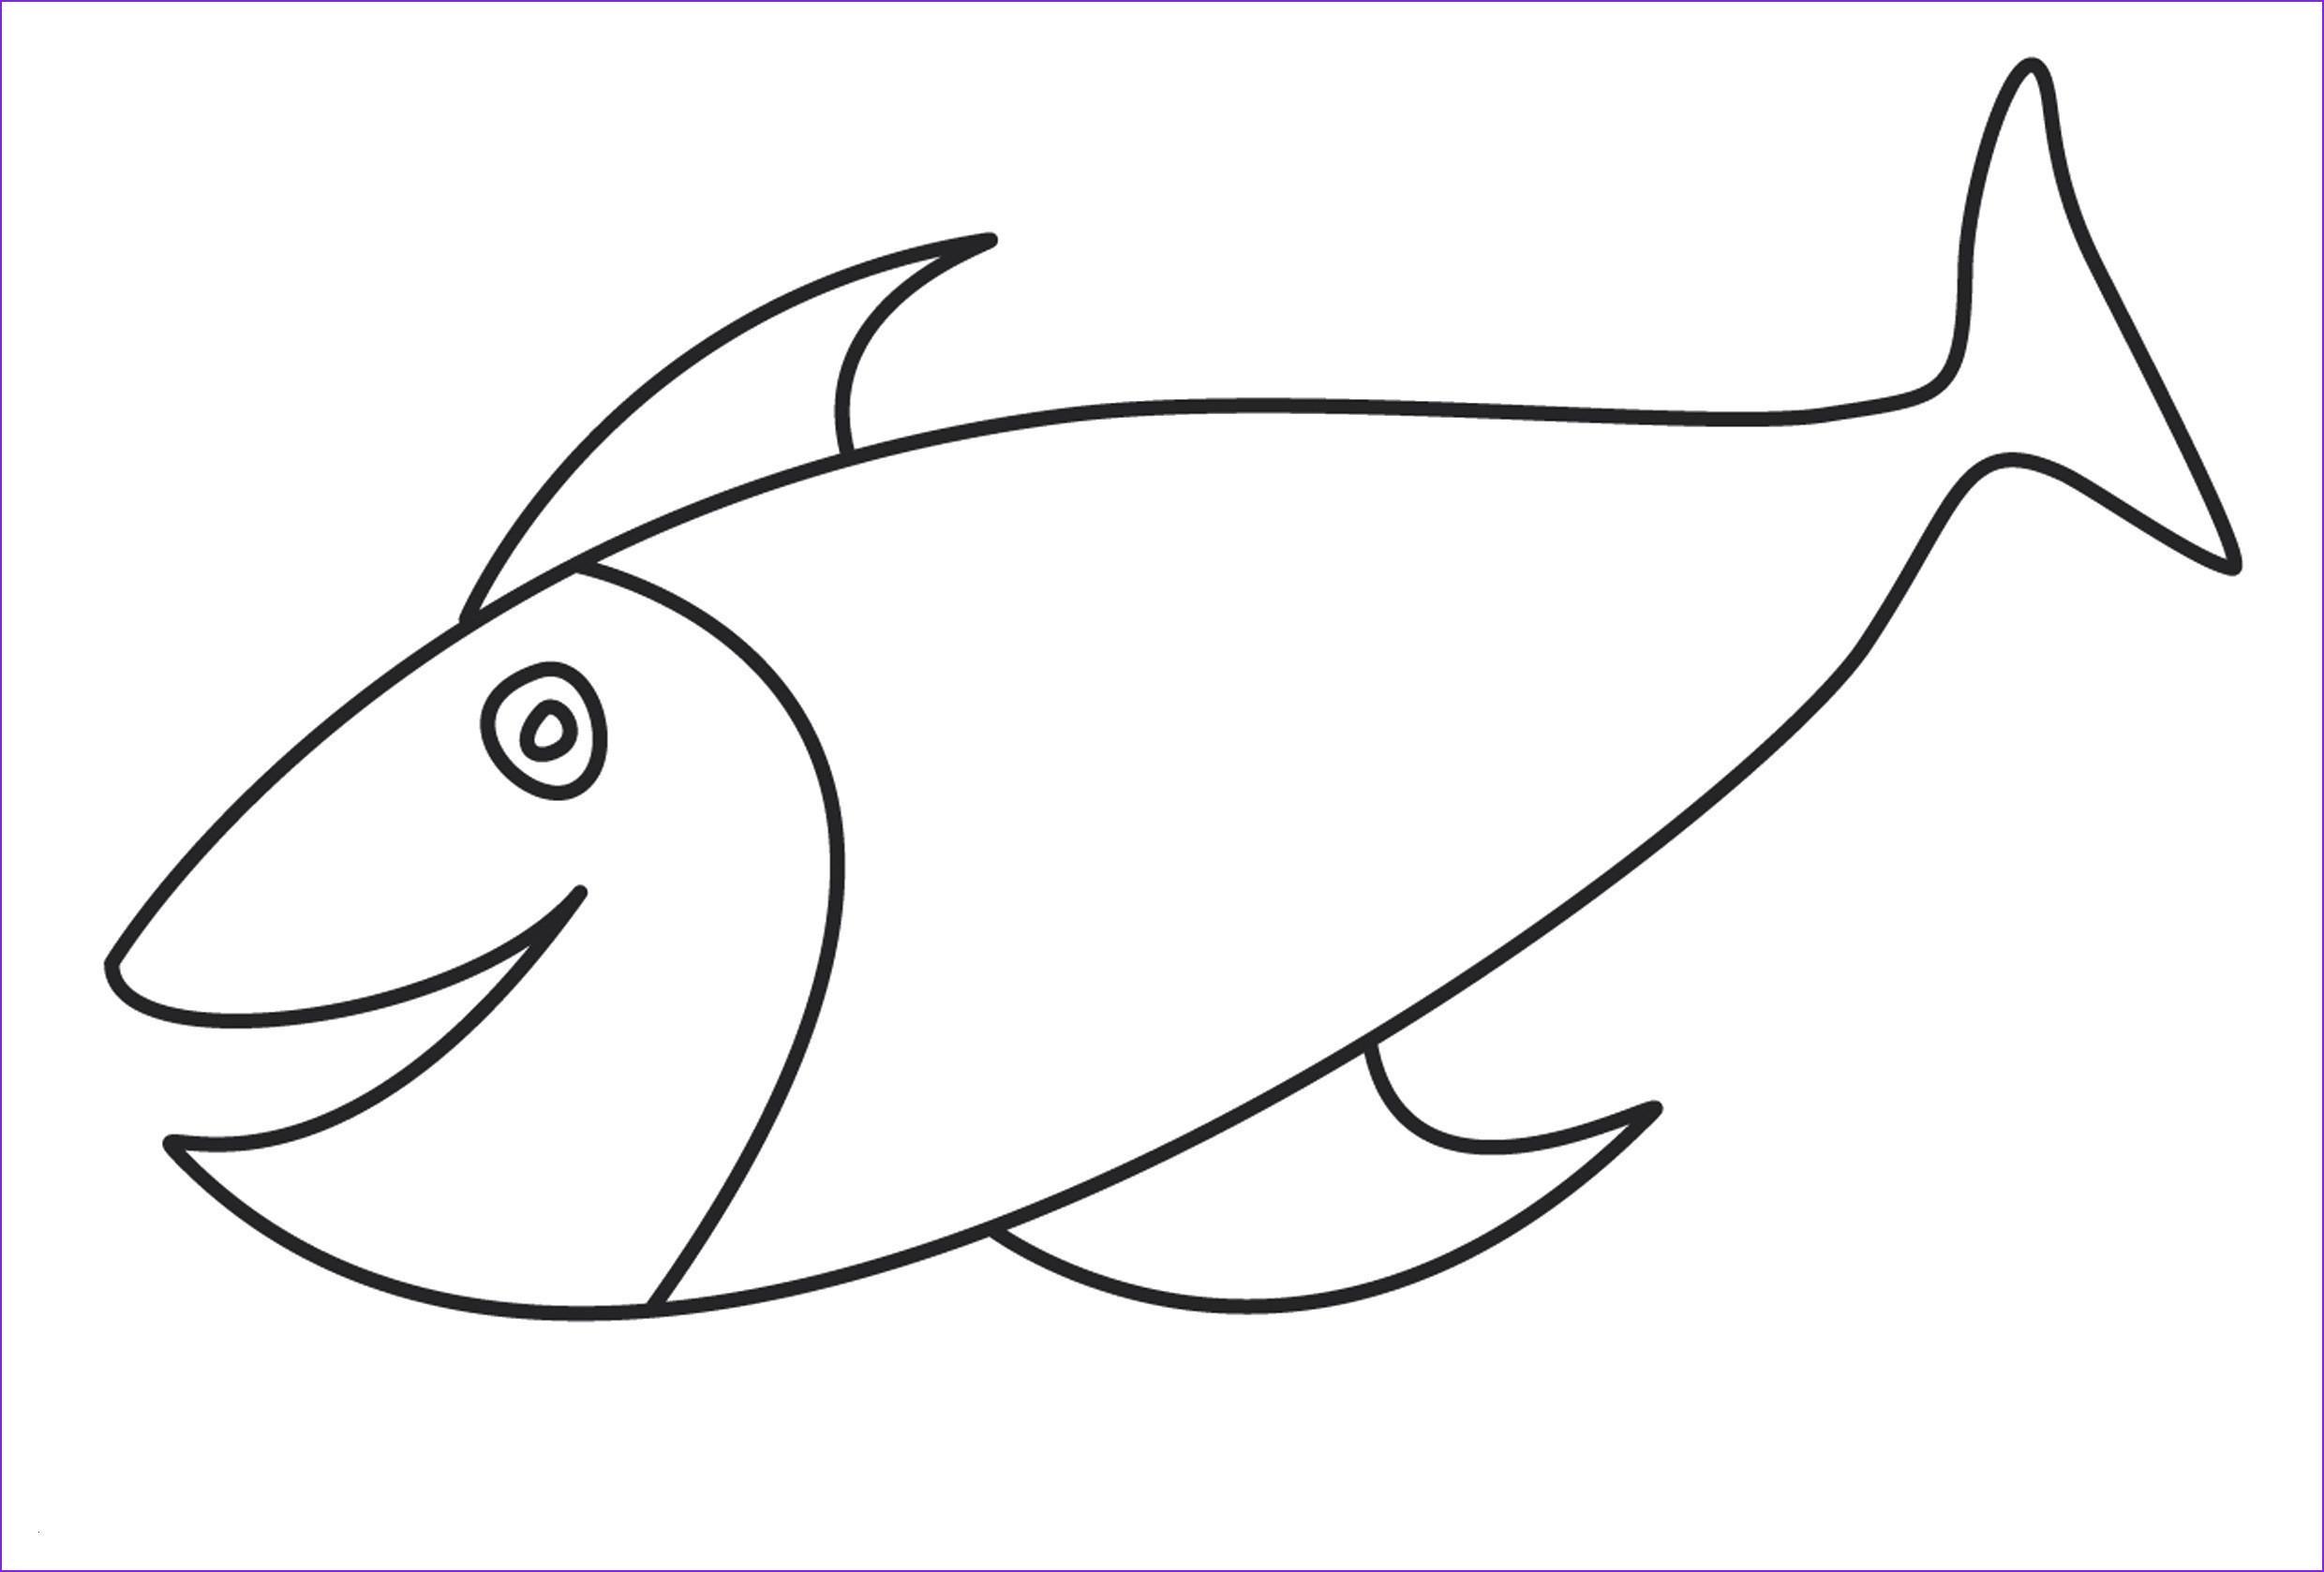 Fisch Zum Ausdrucken Genial Fisch Malbuch Sensationell 32 Fisch Ausmalbilder Zum Ausdrucken Das Bild